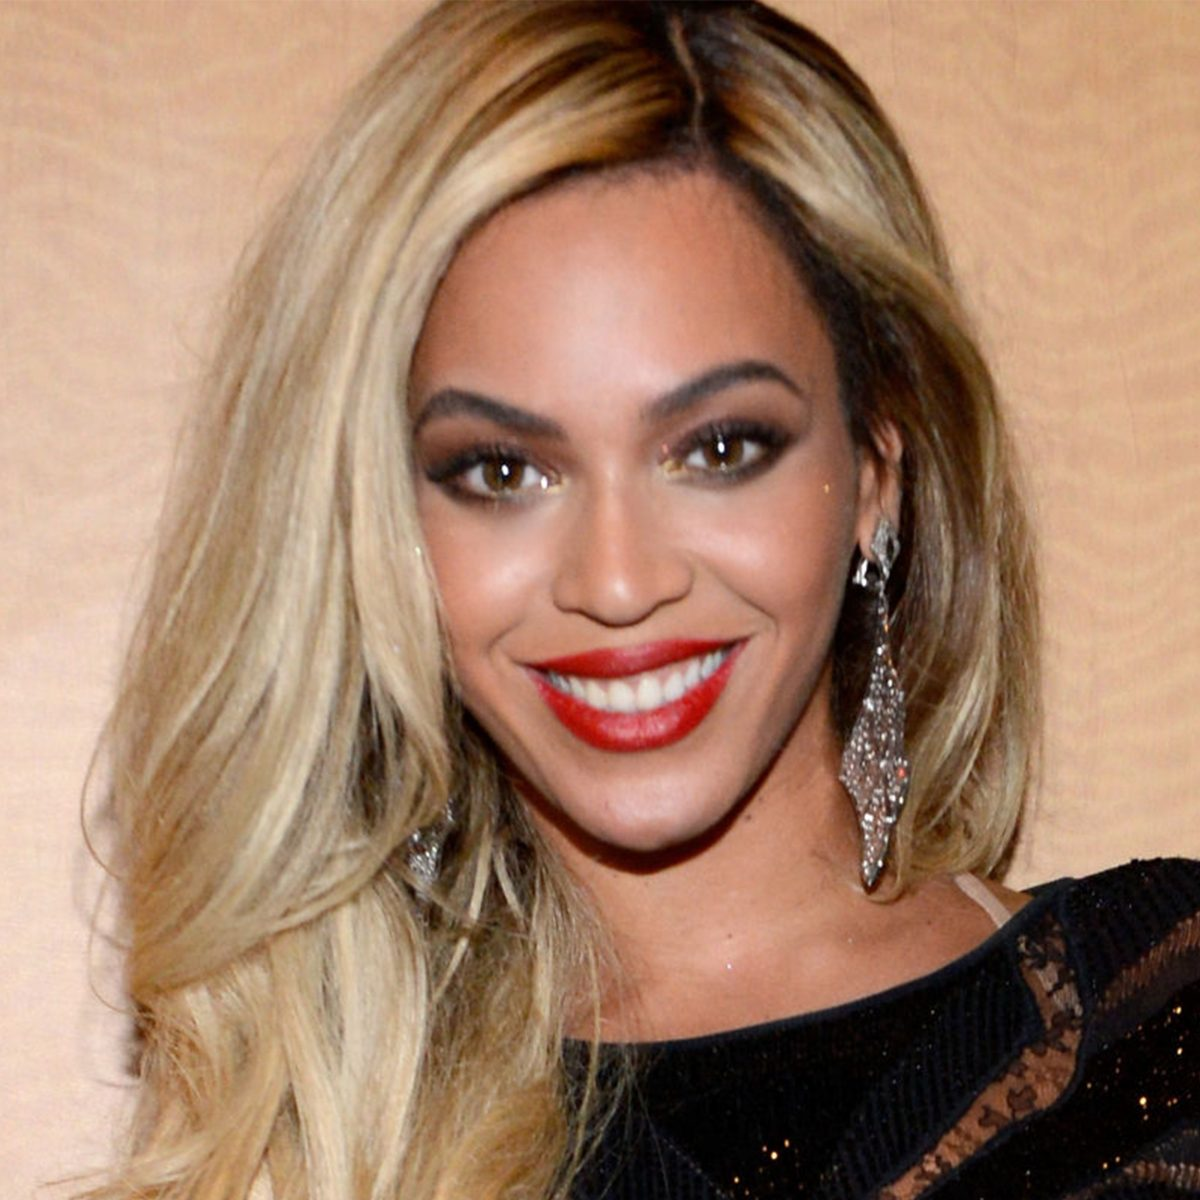 Hamileliğinde de Şıklığından Ödün Vermeyen Kadın: Beyonce